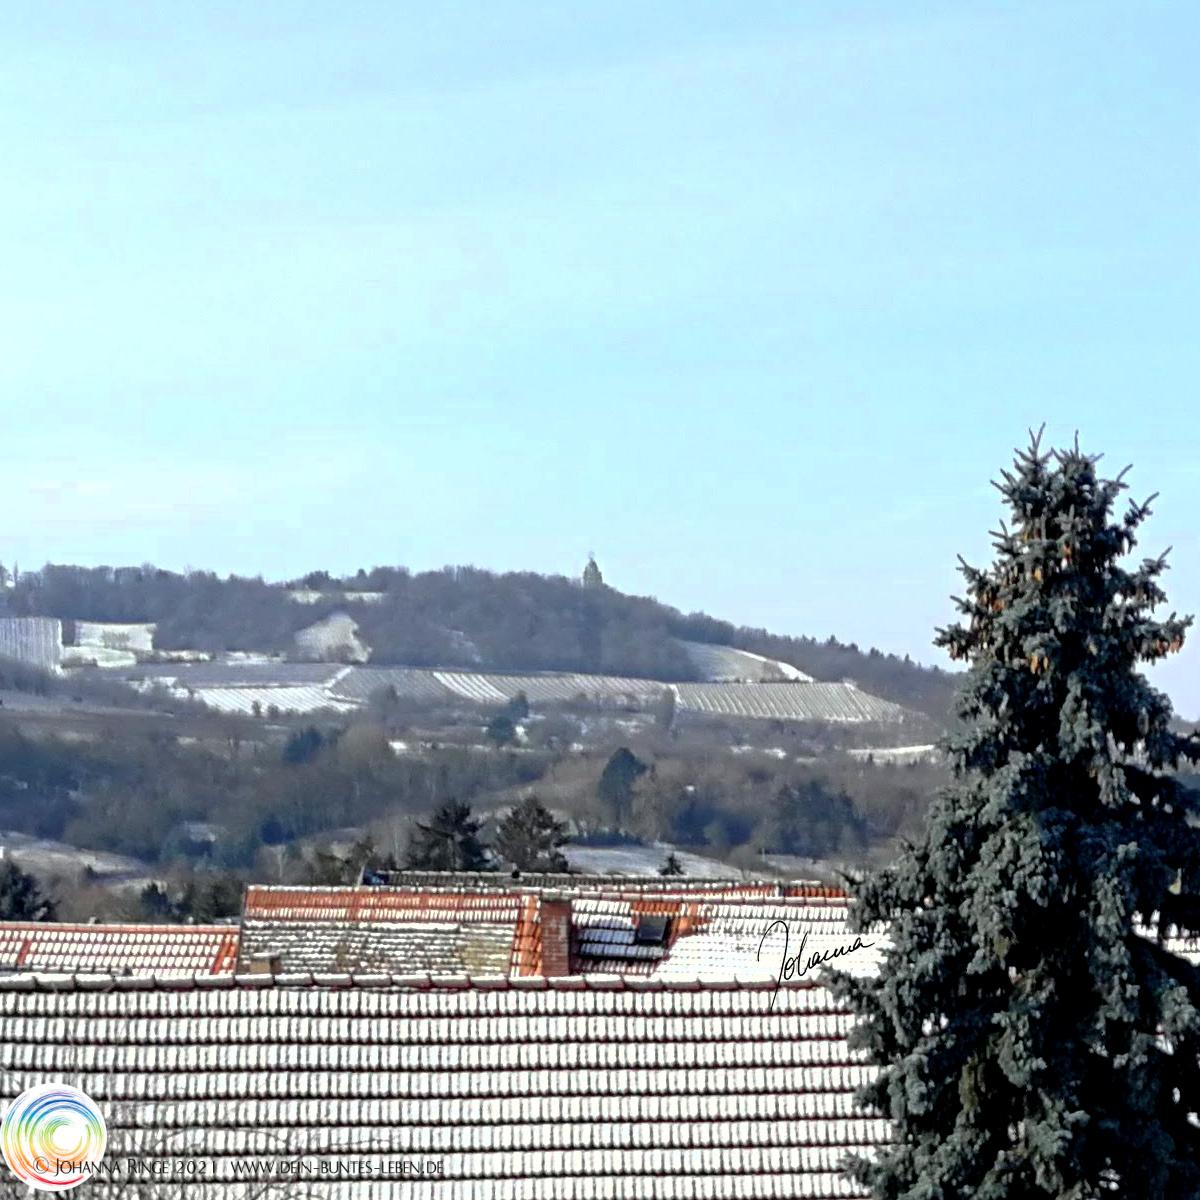 Zwei Herzen, Sonne im Schnee. Photo über Dächer und Weinberge. ©Johanna Ringe 2021 www.dein-buntes-leben.de